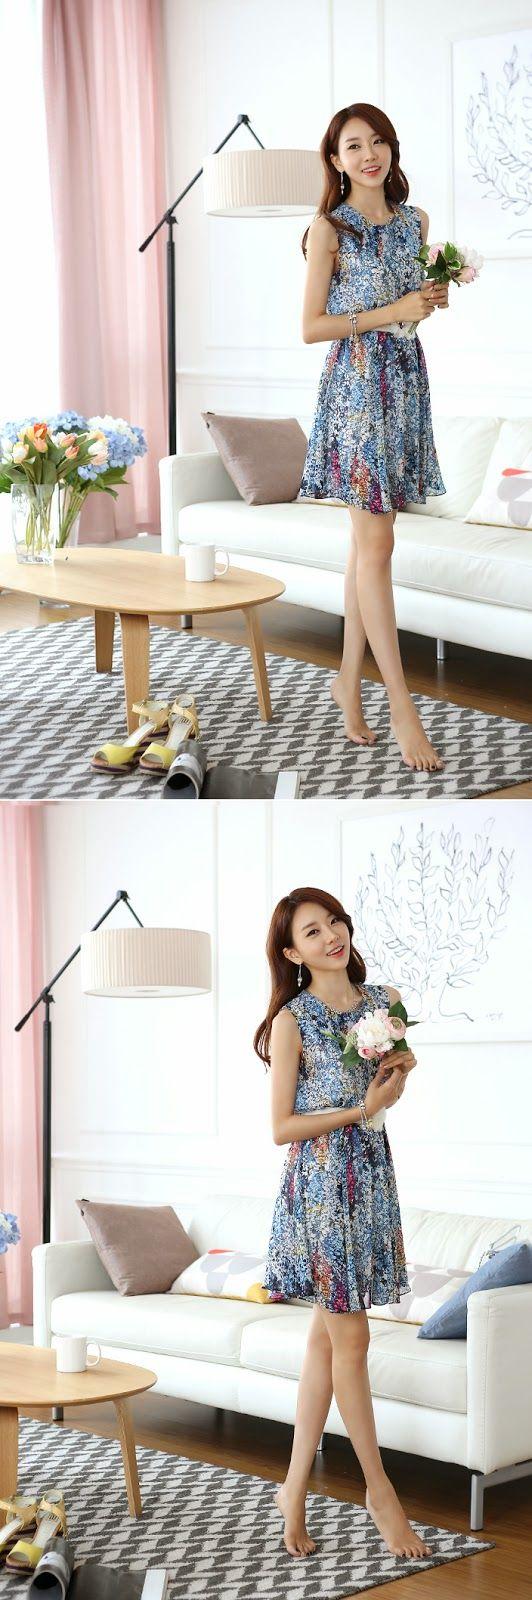 Si en invierno muchas mujeres coreanas utilizan vestidos, pues ya se imaginarán que en verano esta prenda es una de las favoritas para l...